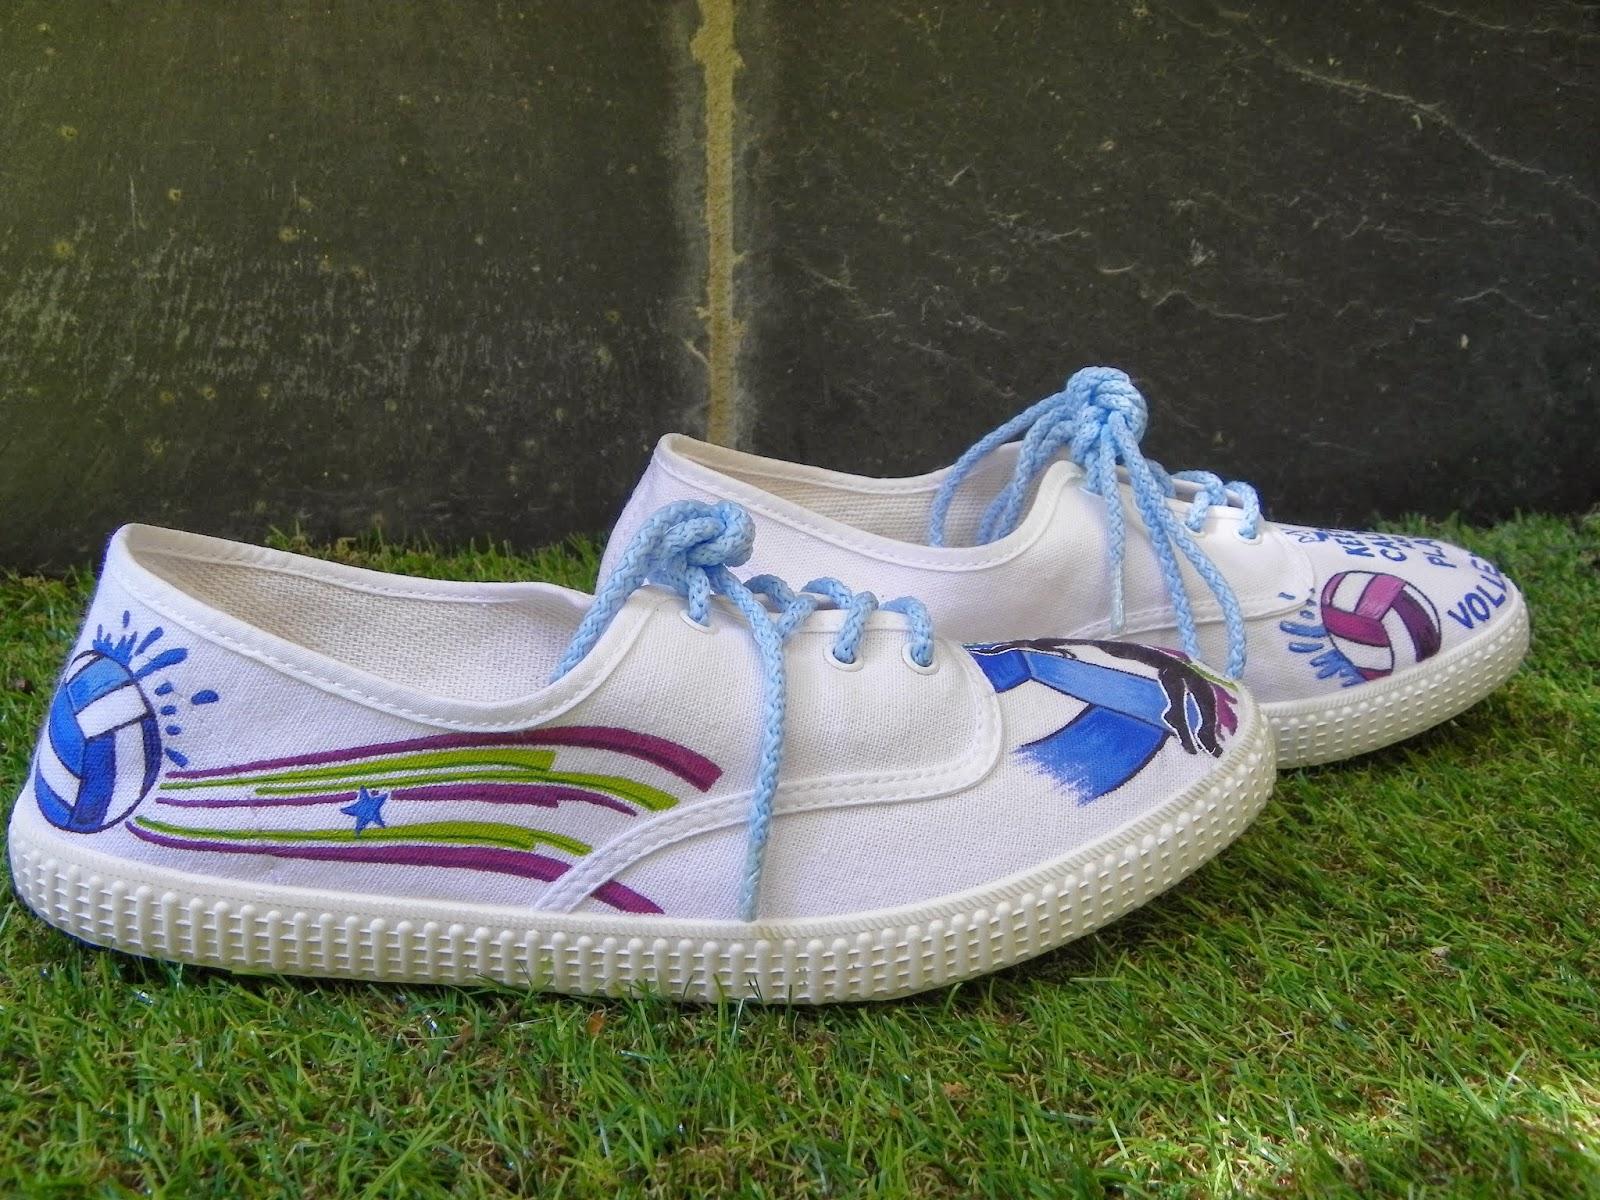 imagenes de zapatillas originales - 25 anuncios originales de zapatillas Marketing Directo